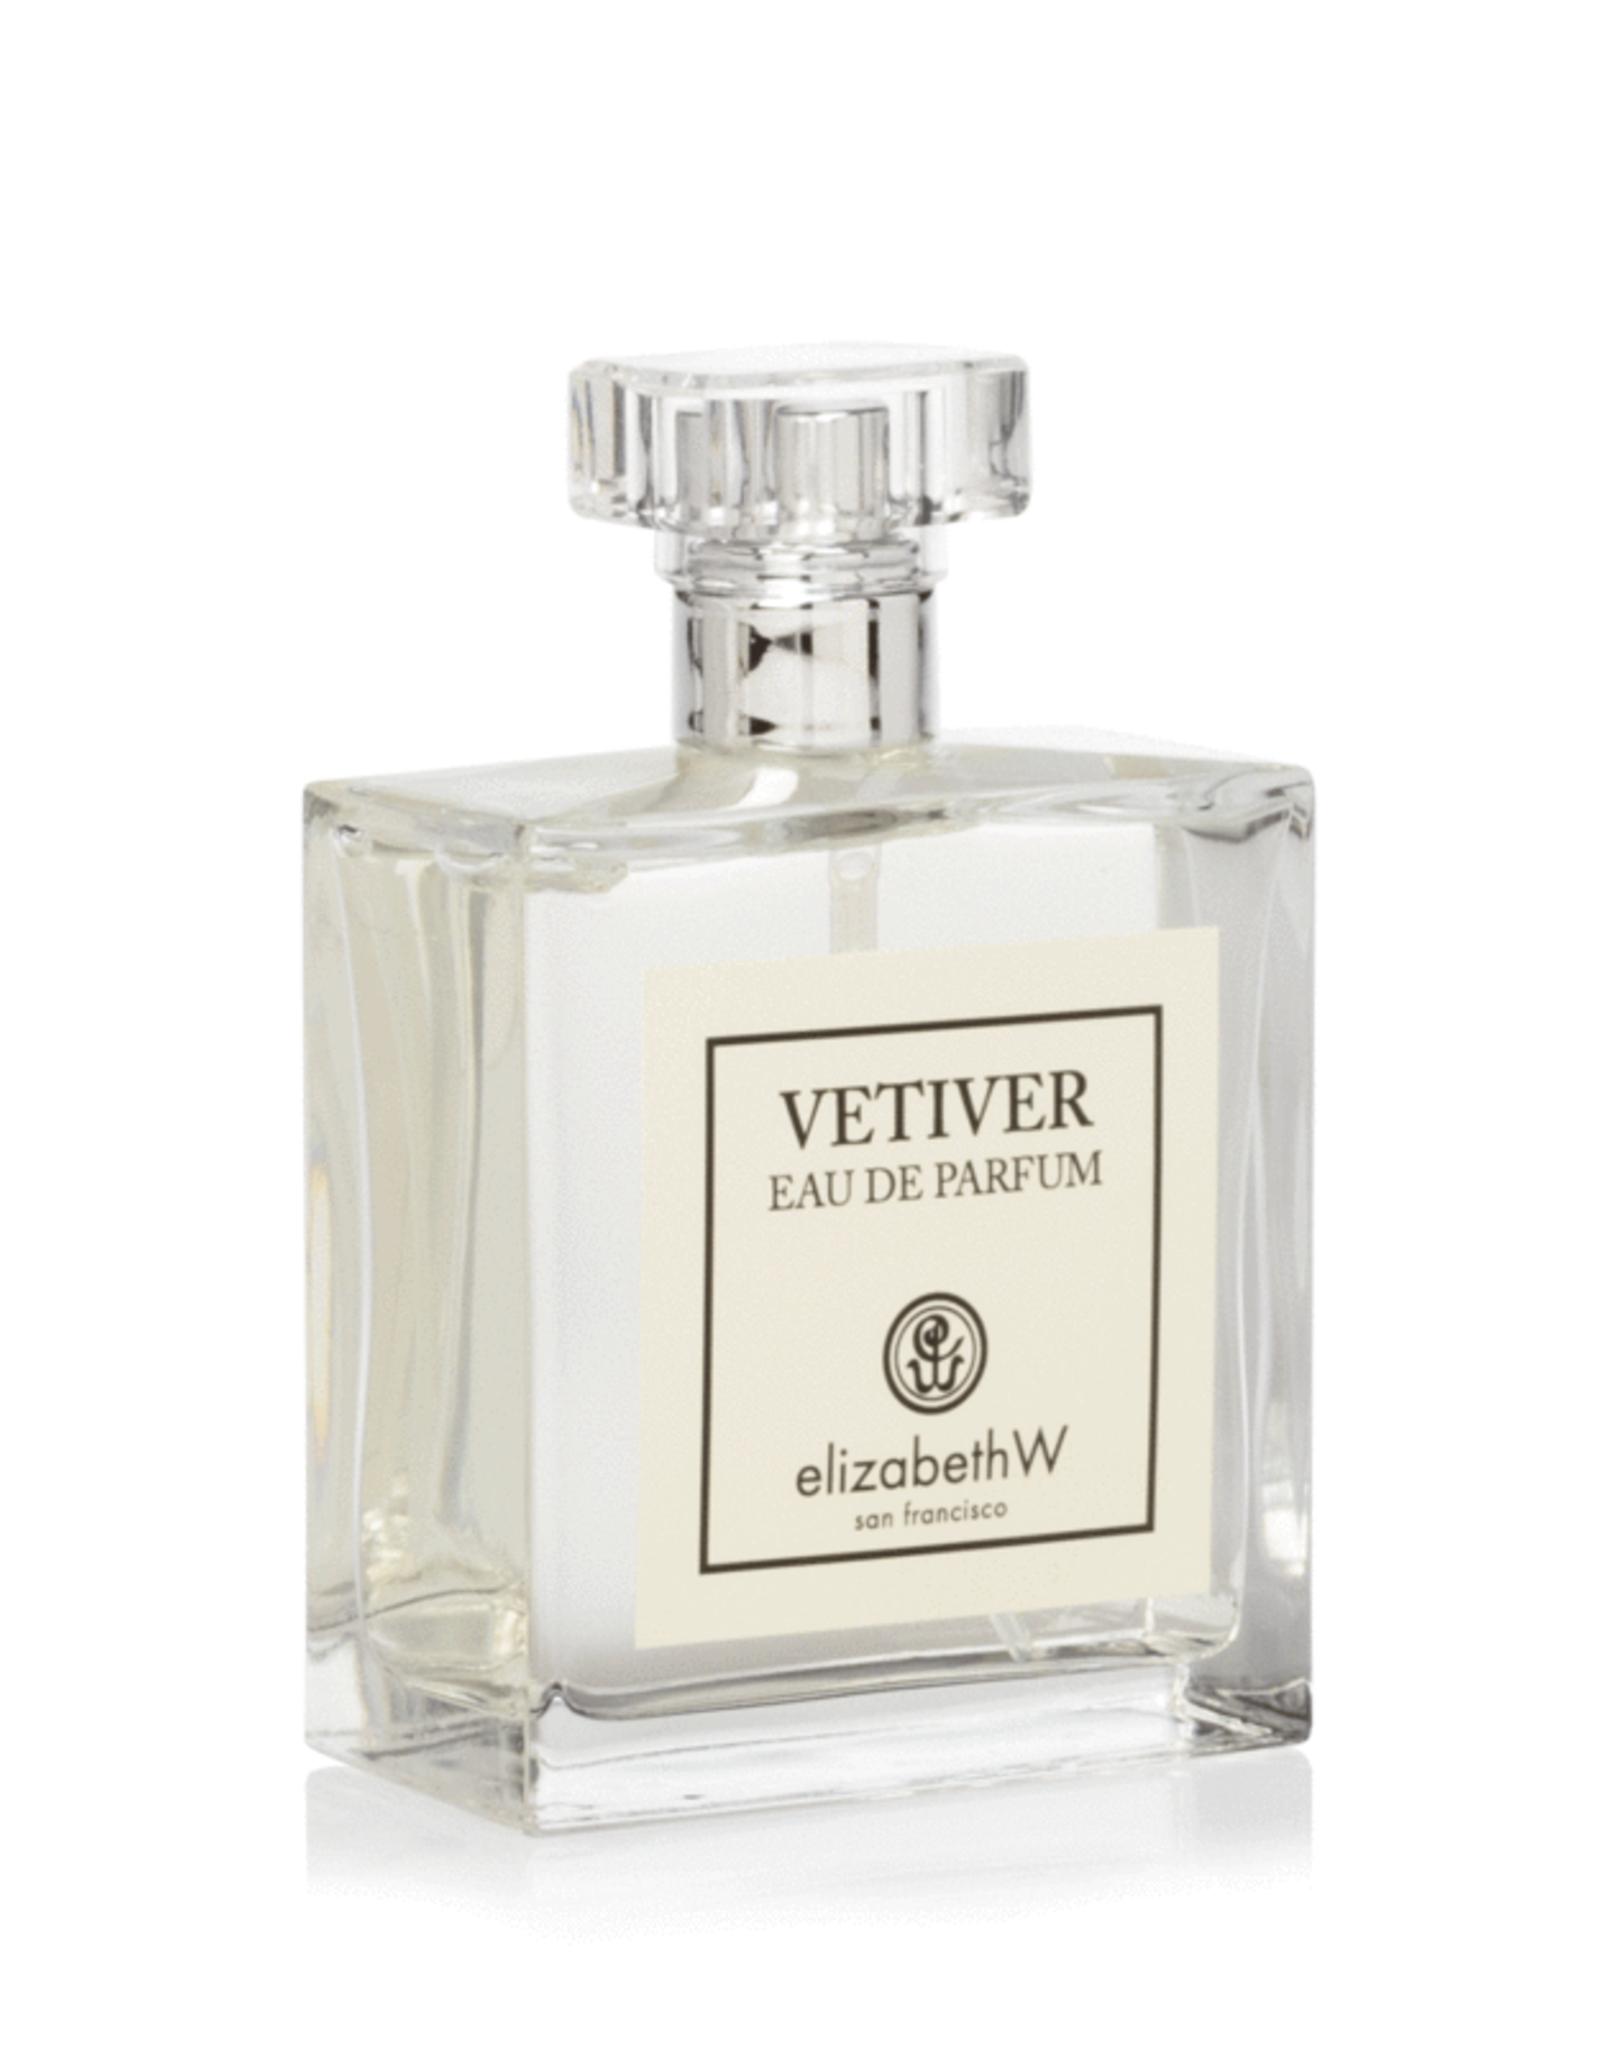 Elizabeth W Vetiver Eau de Parfum, 2 fl. oz.